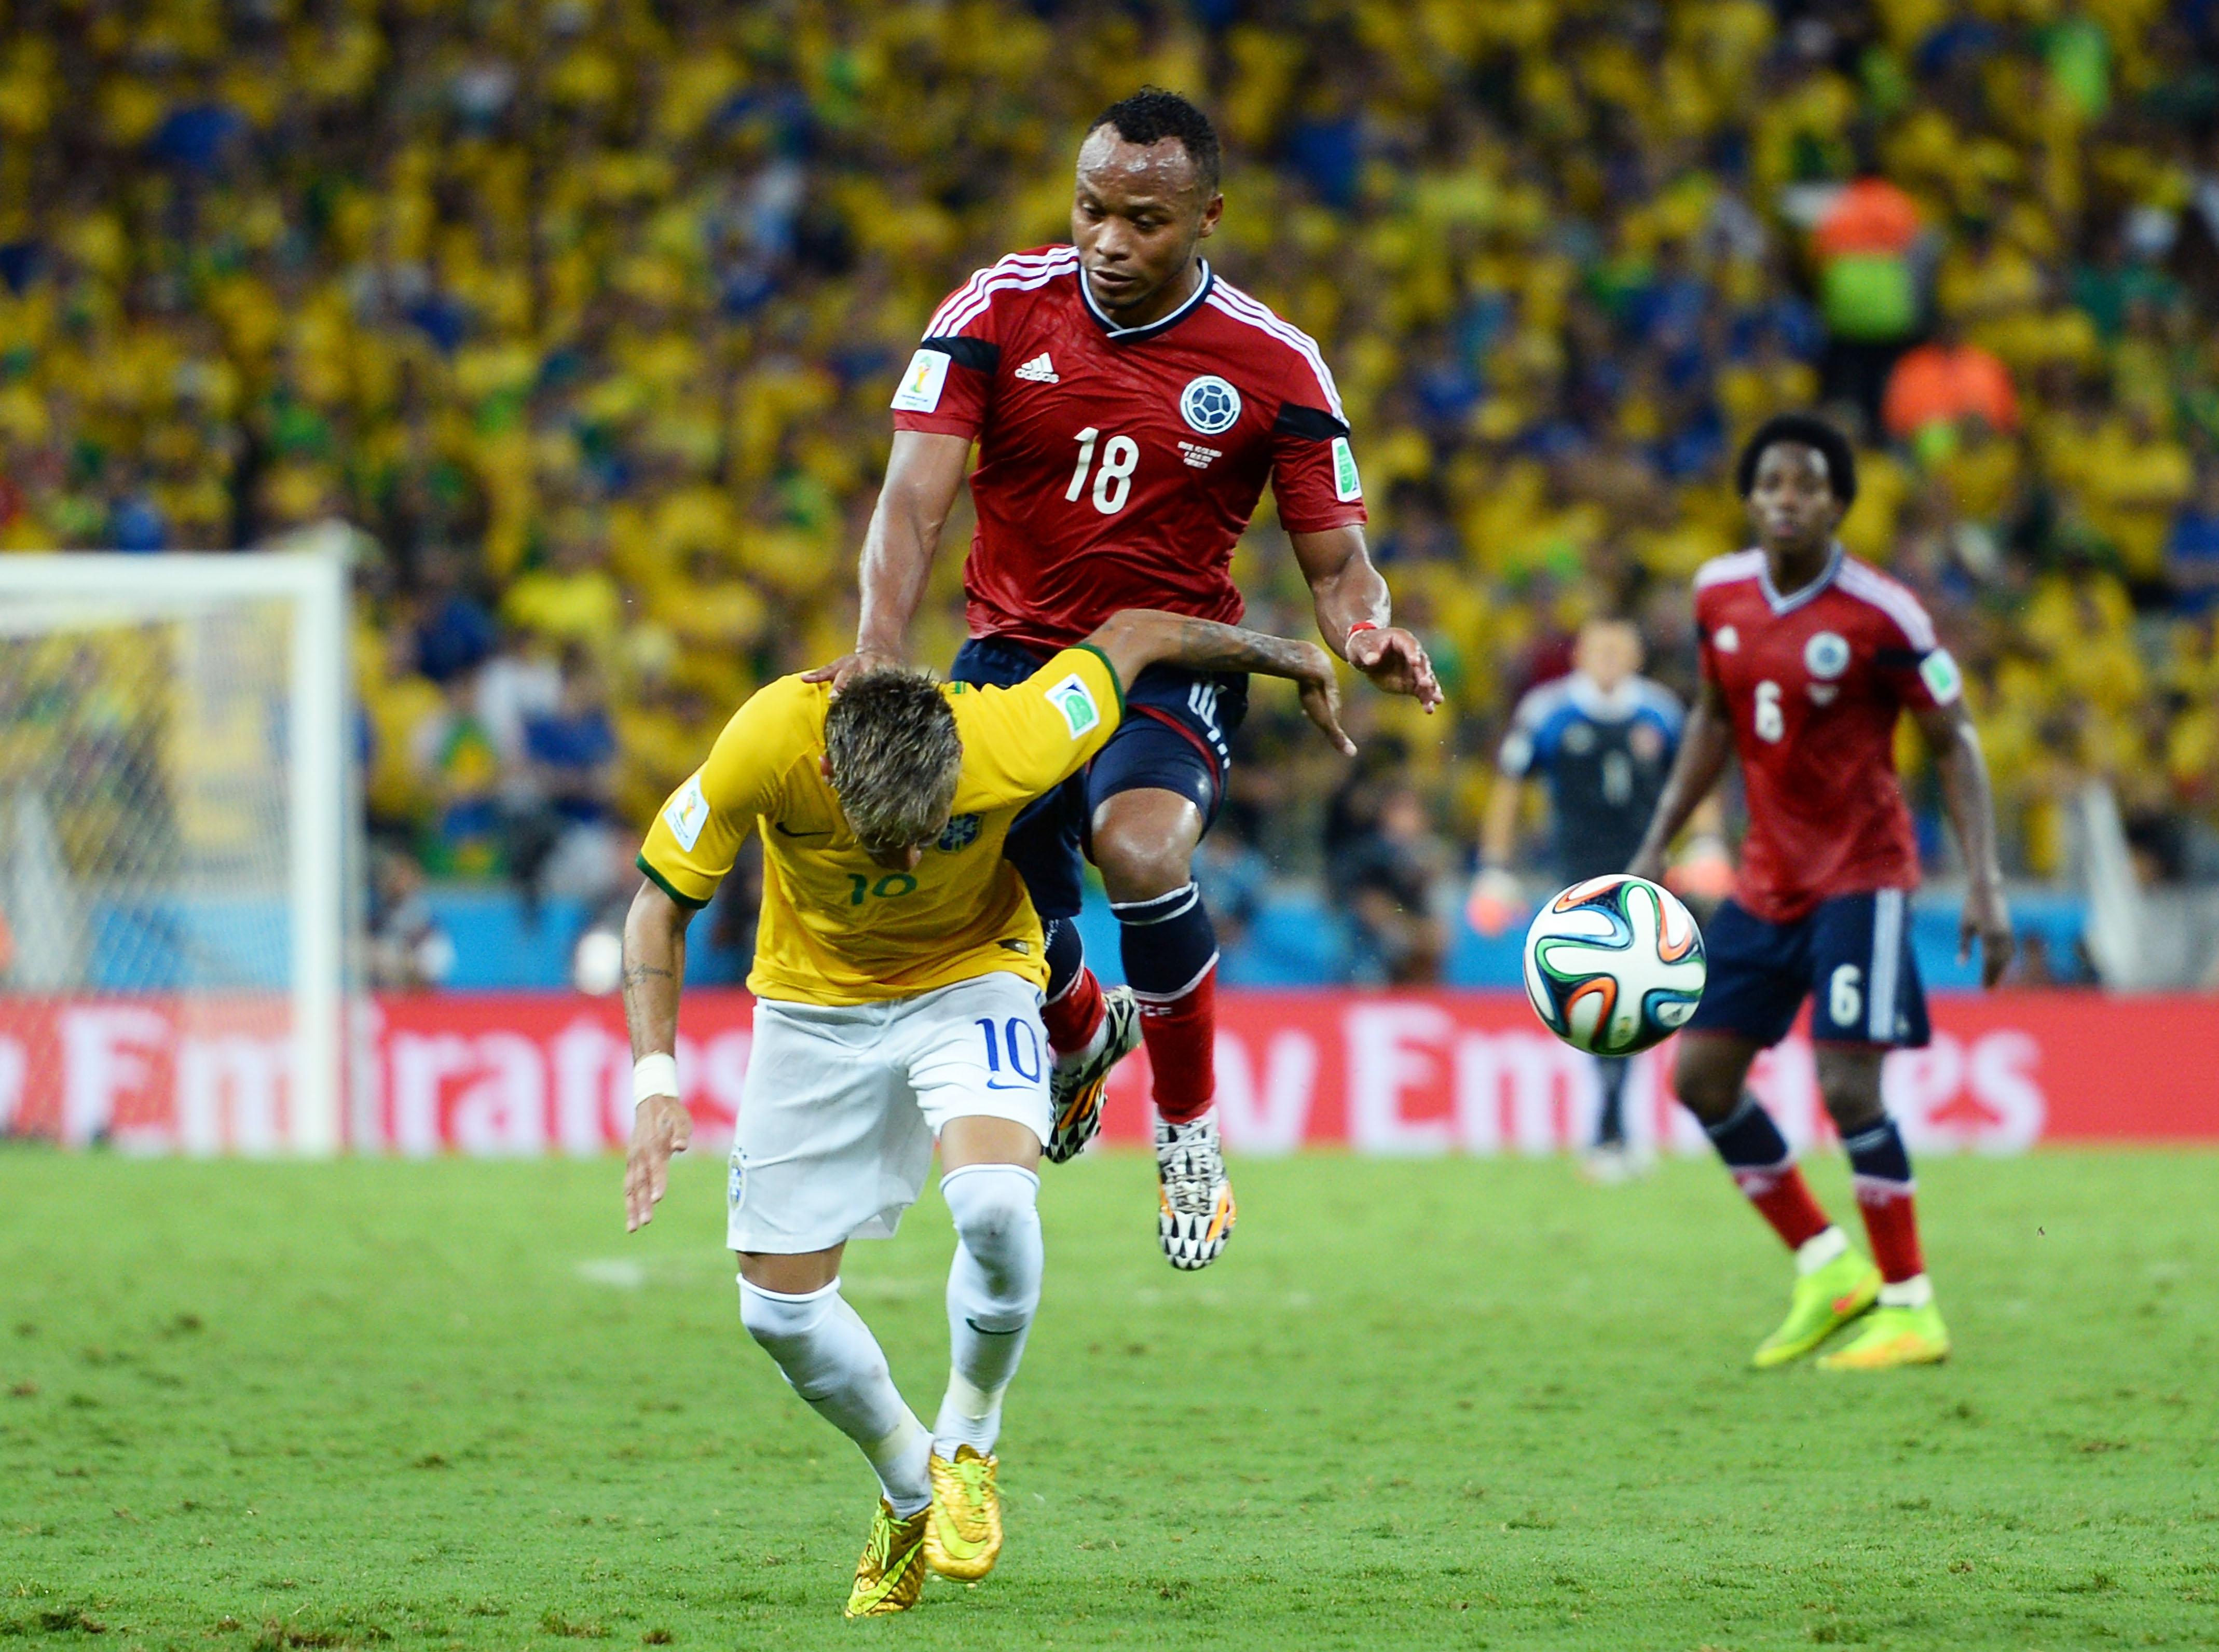 """Zu Neymars Wirbelbruch und dem Faul – Juan Zuniga: """"Ich hatte nicht gewollt, dass er sich einen Wirbel bricht."""" (Video)"""